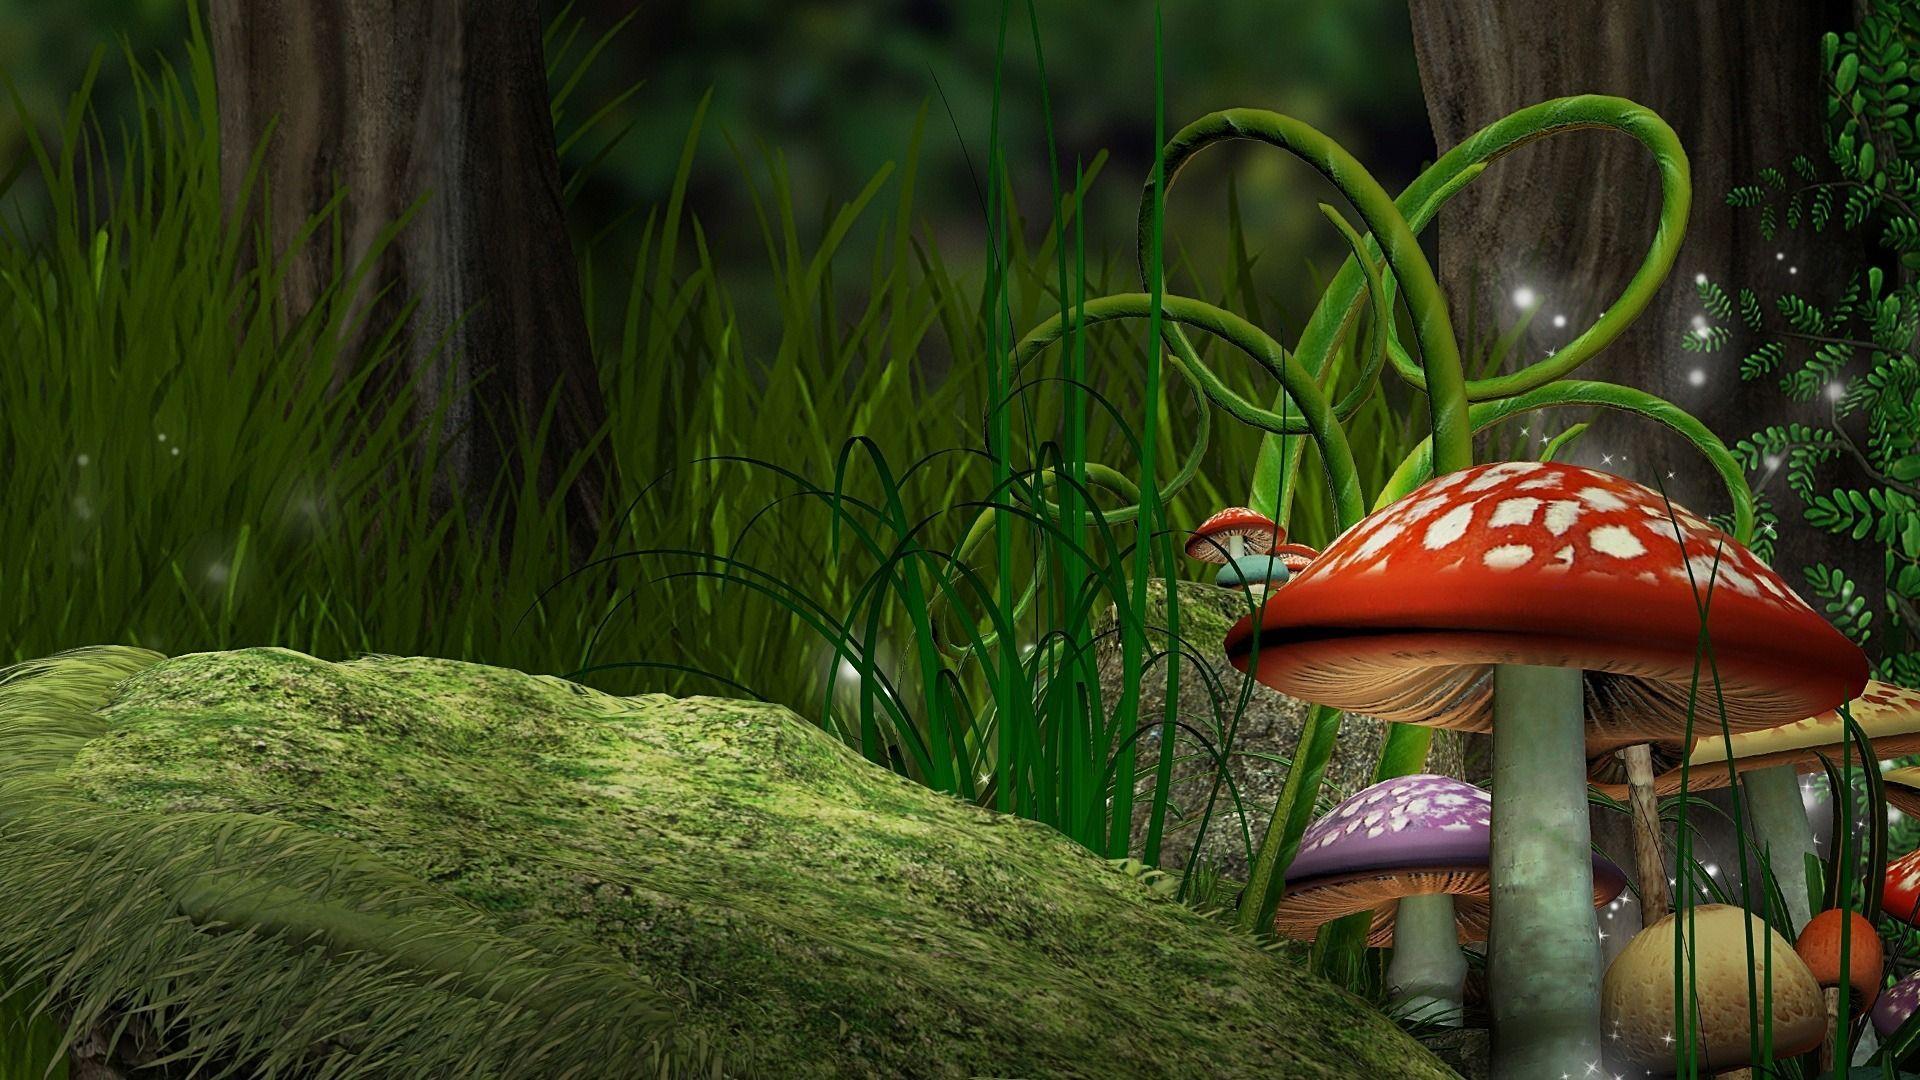 cool mushroom images hd